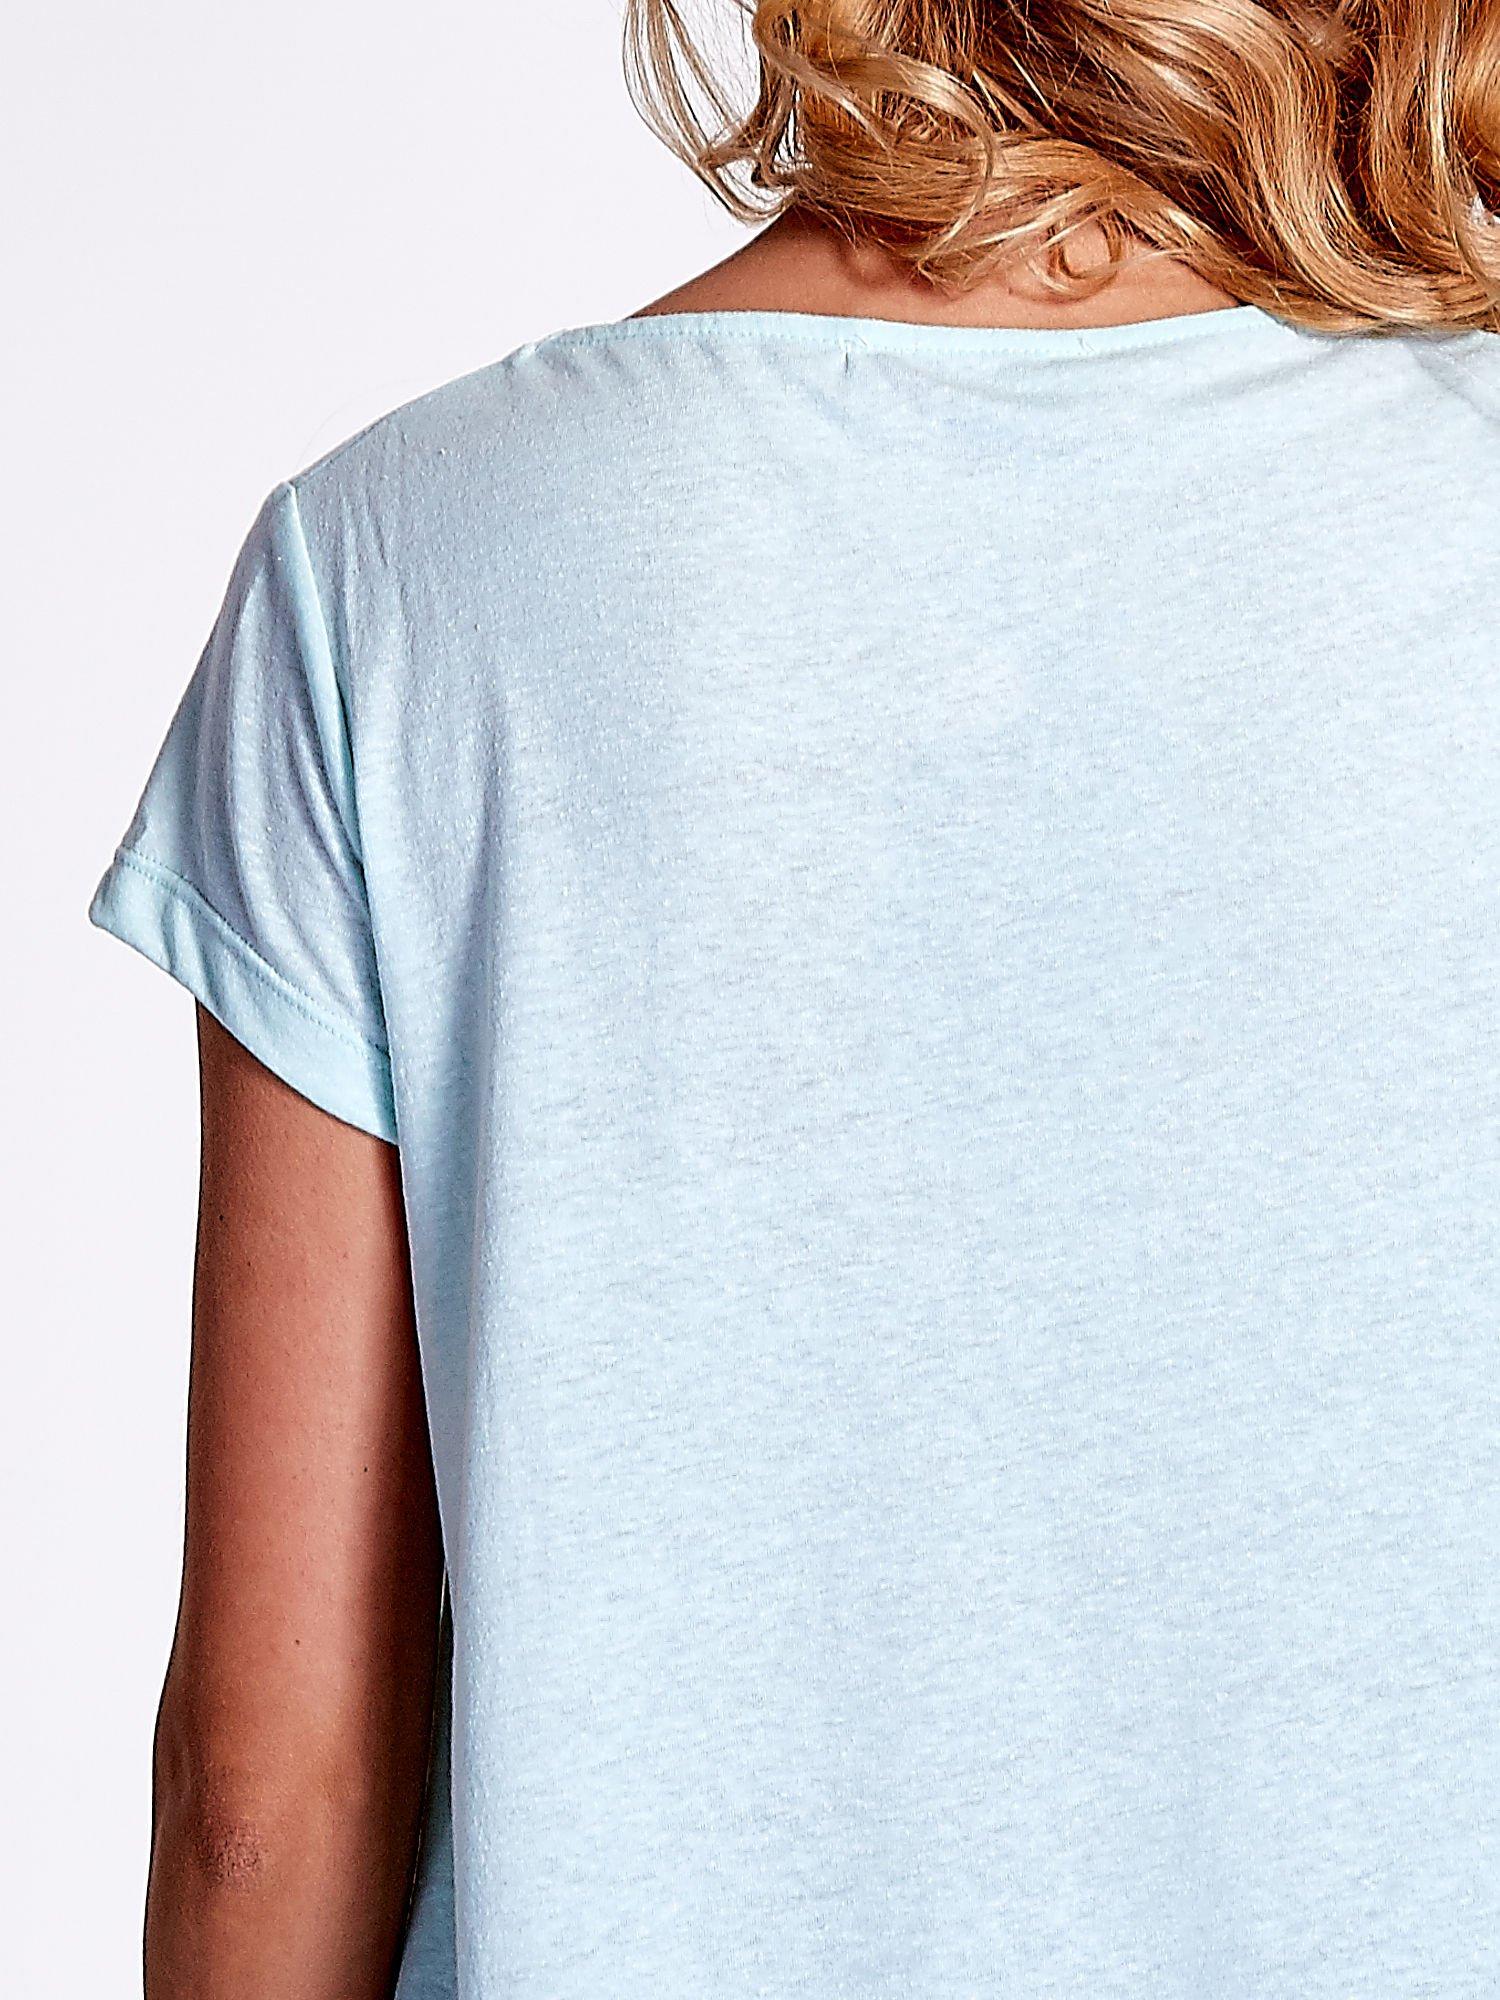 Jasnoturkusowy asymetryczny t-shirt                                  zdj.                                  5